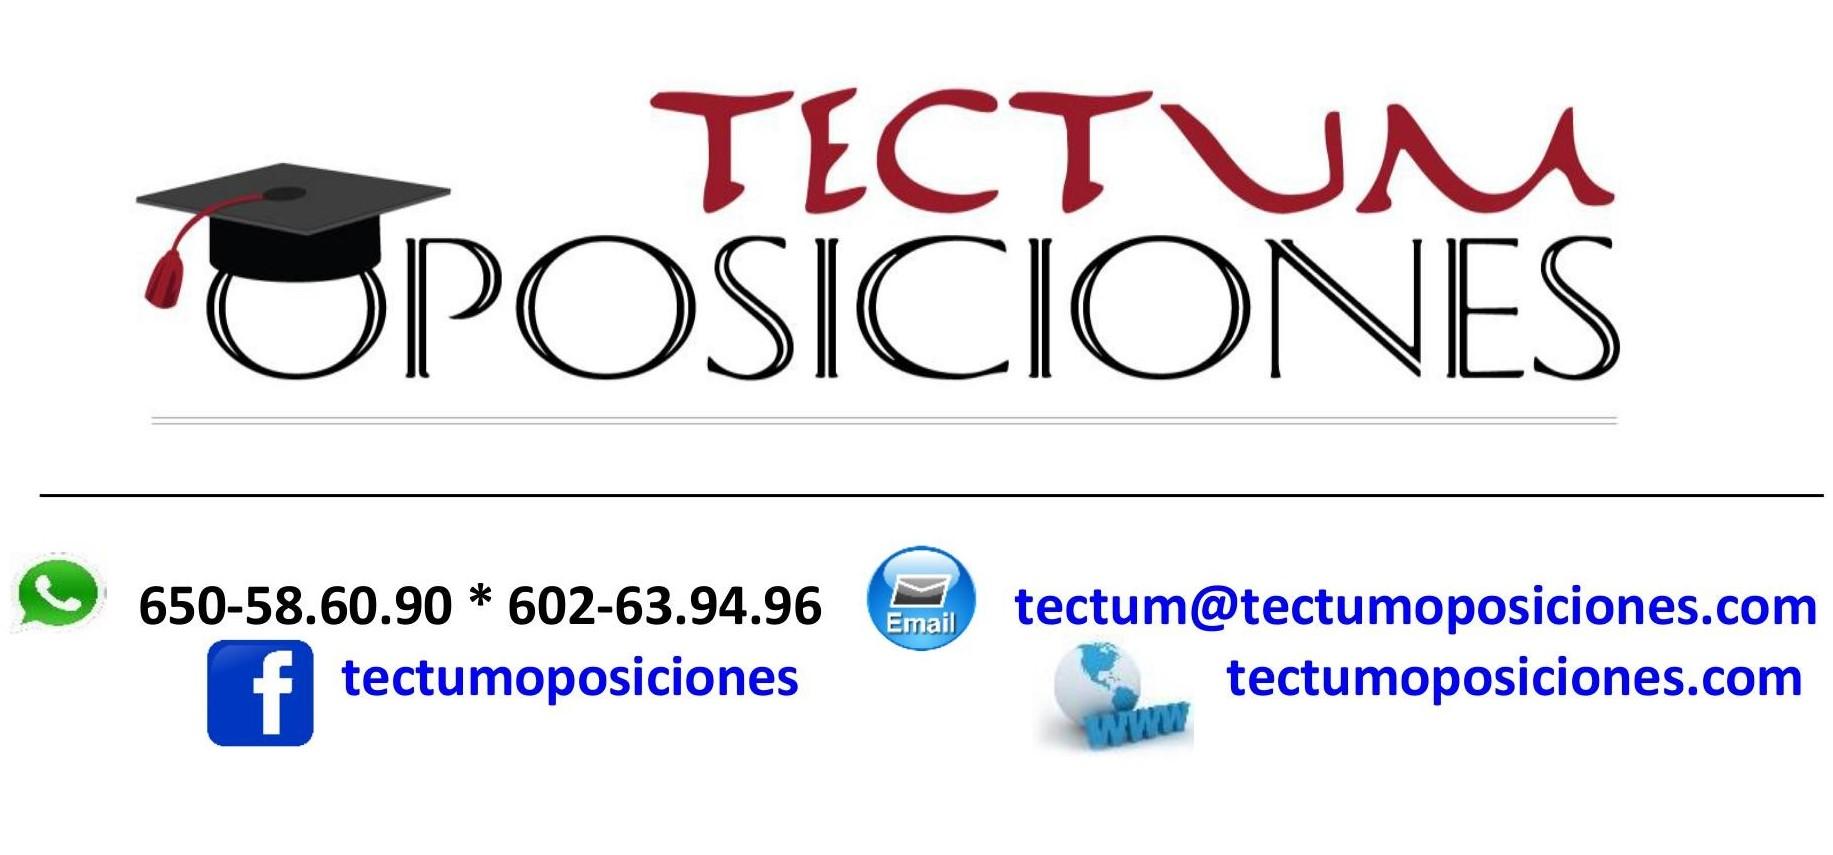 Tectum Oposiciones